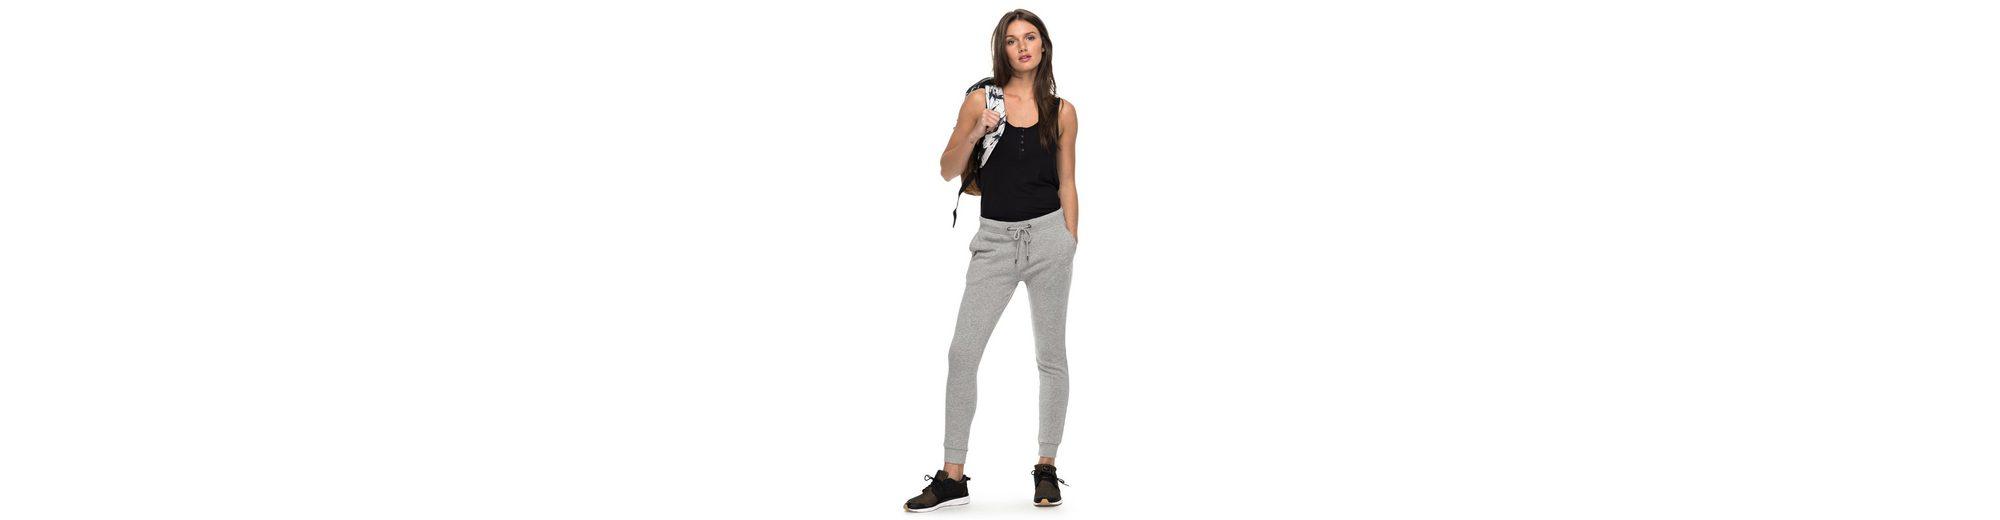 Top-Qualität Zum Verkauf Original-Verkauf Online Roxy Jogginghose After Surf B Günstig Kaufen Am Besten Günstig Für Schön XvvhjvmcW